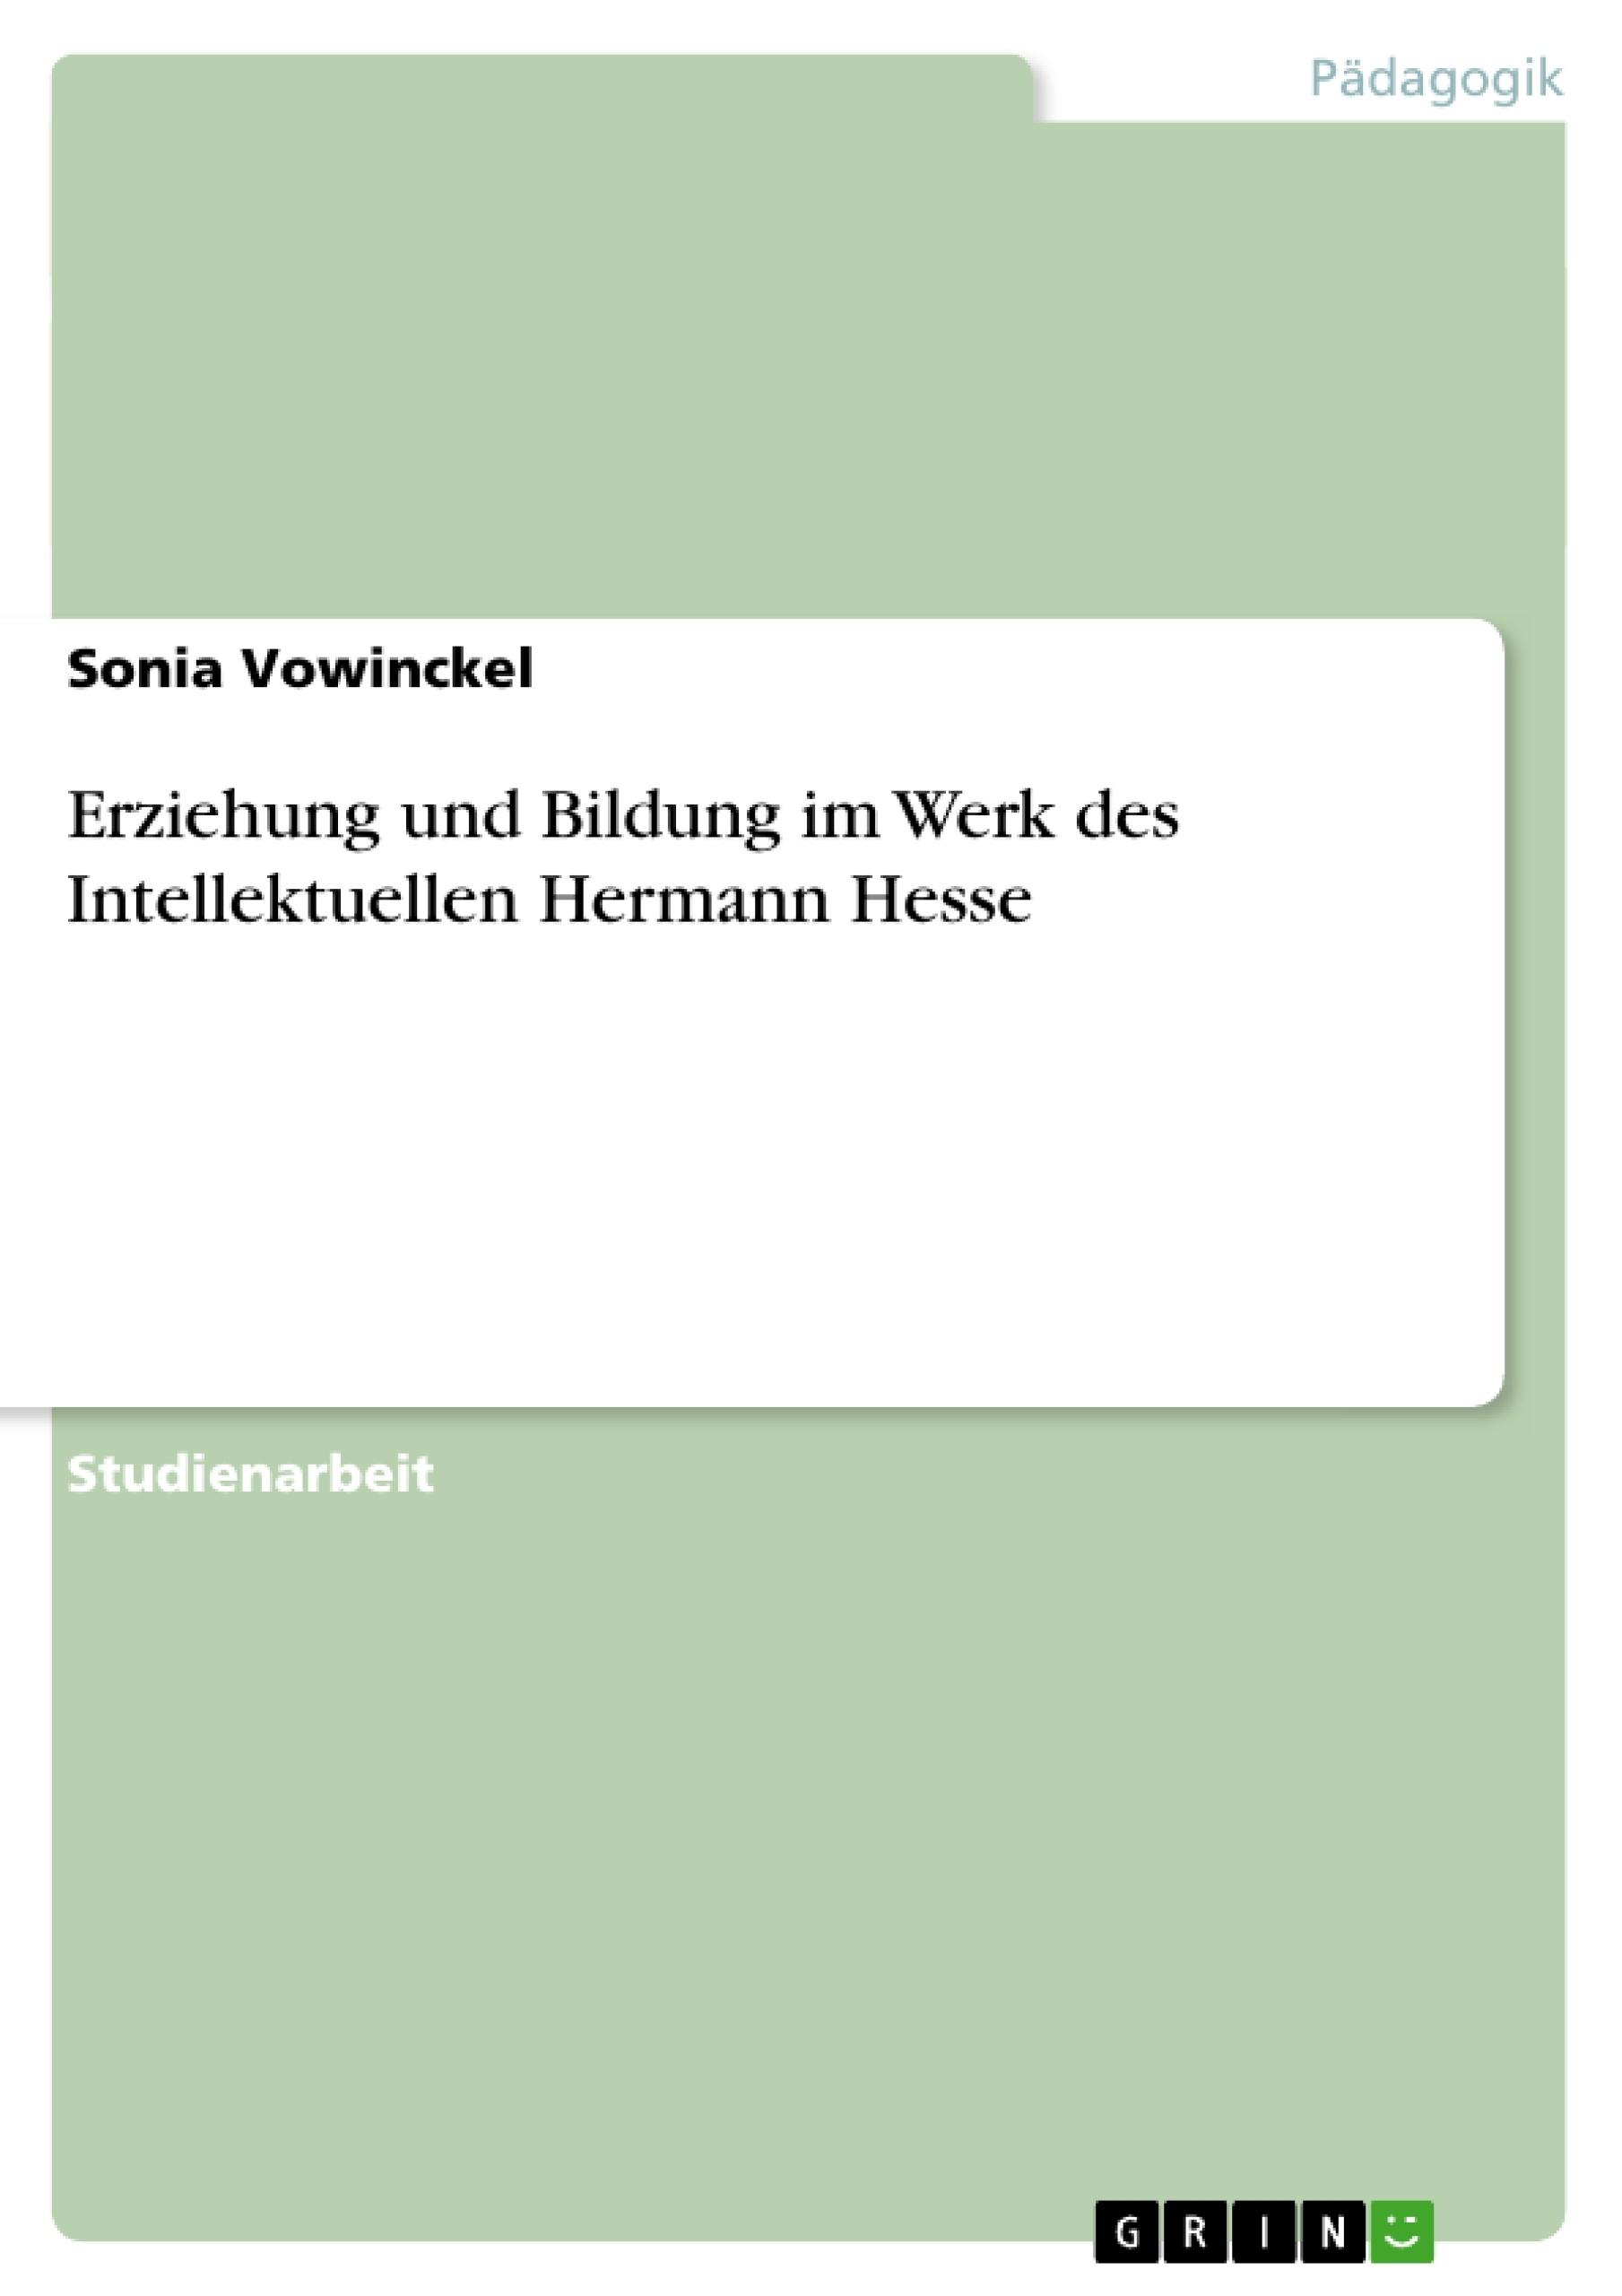 Titel: Erziehung und Bildung im Werk des Intellektuellen Hermann Hesse